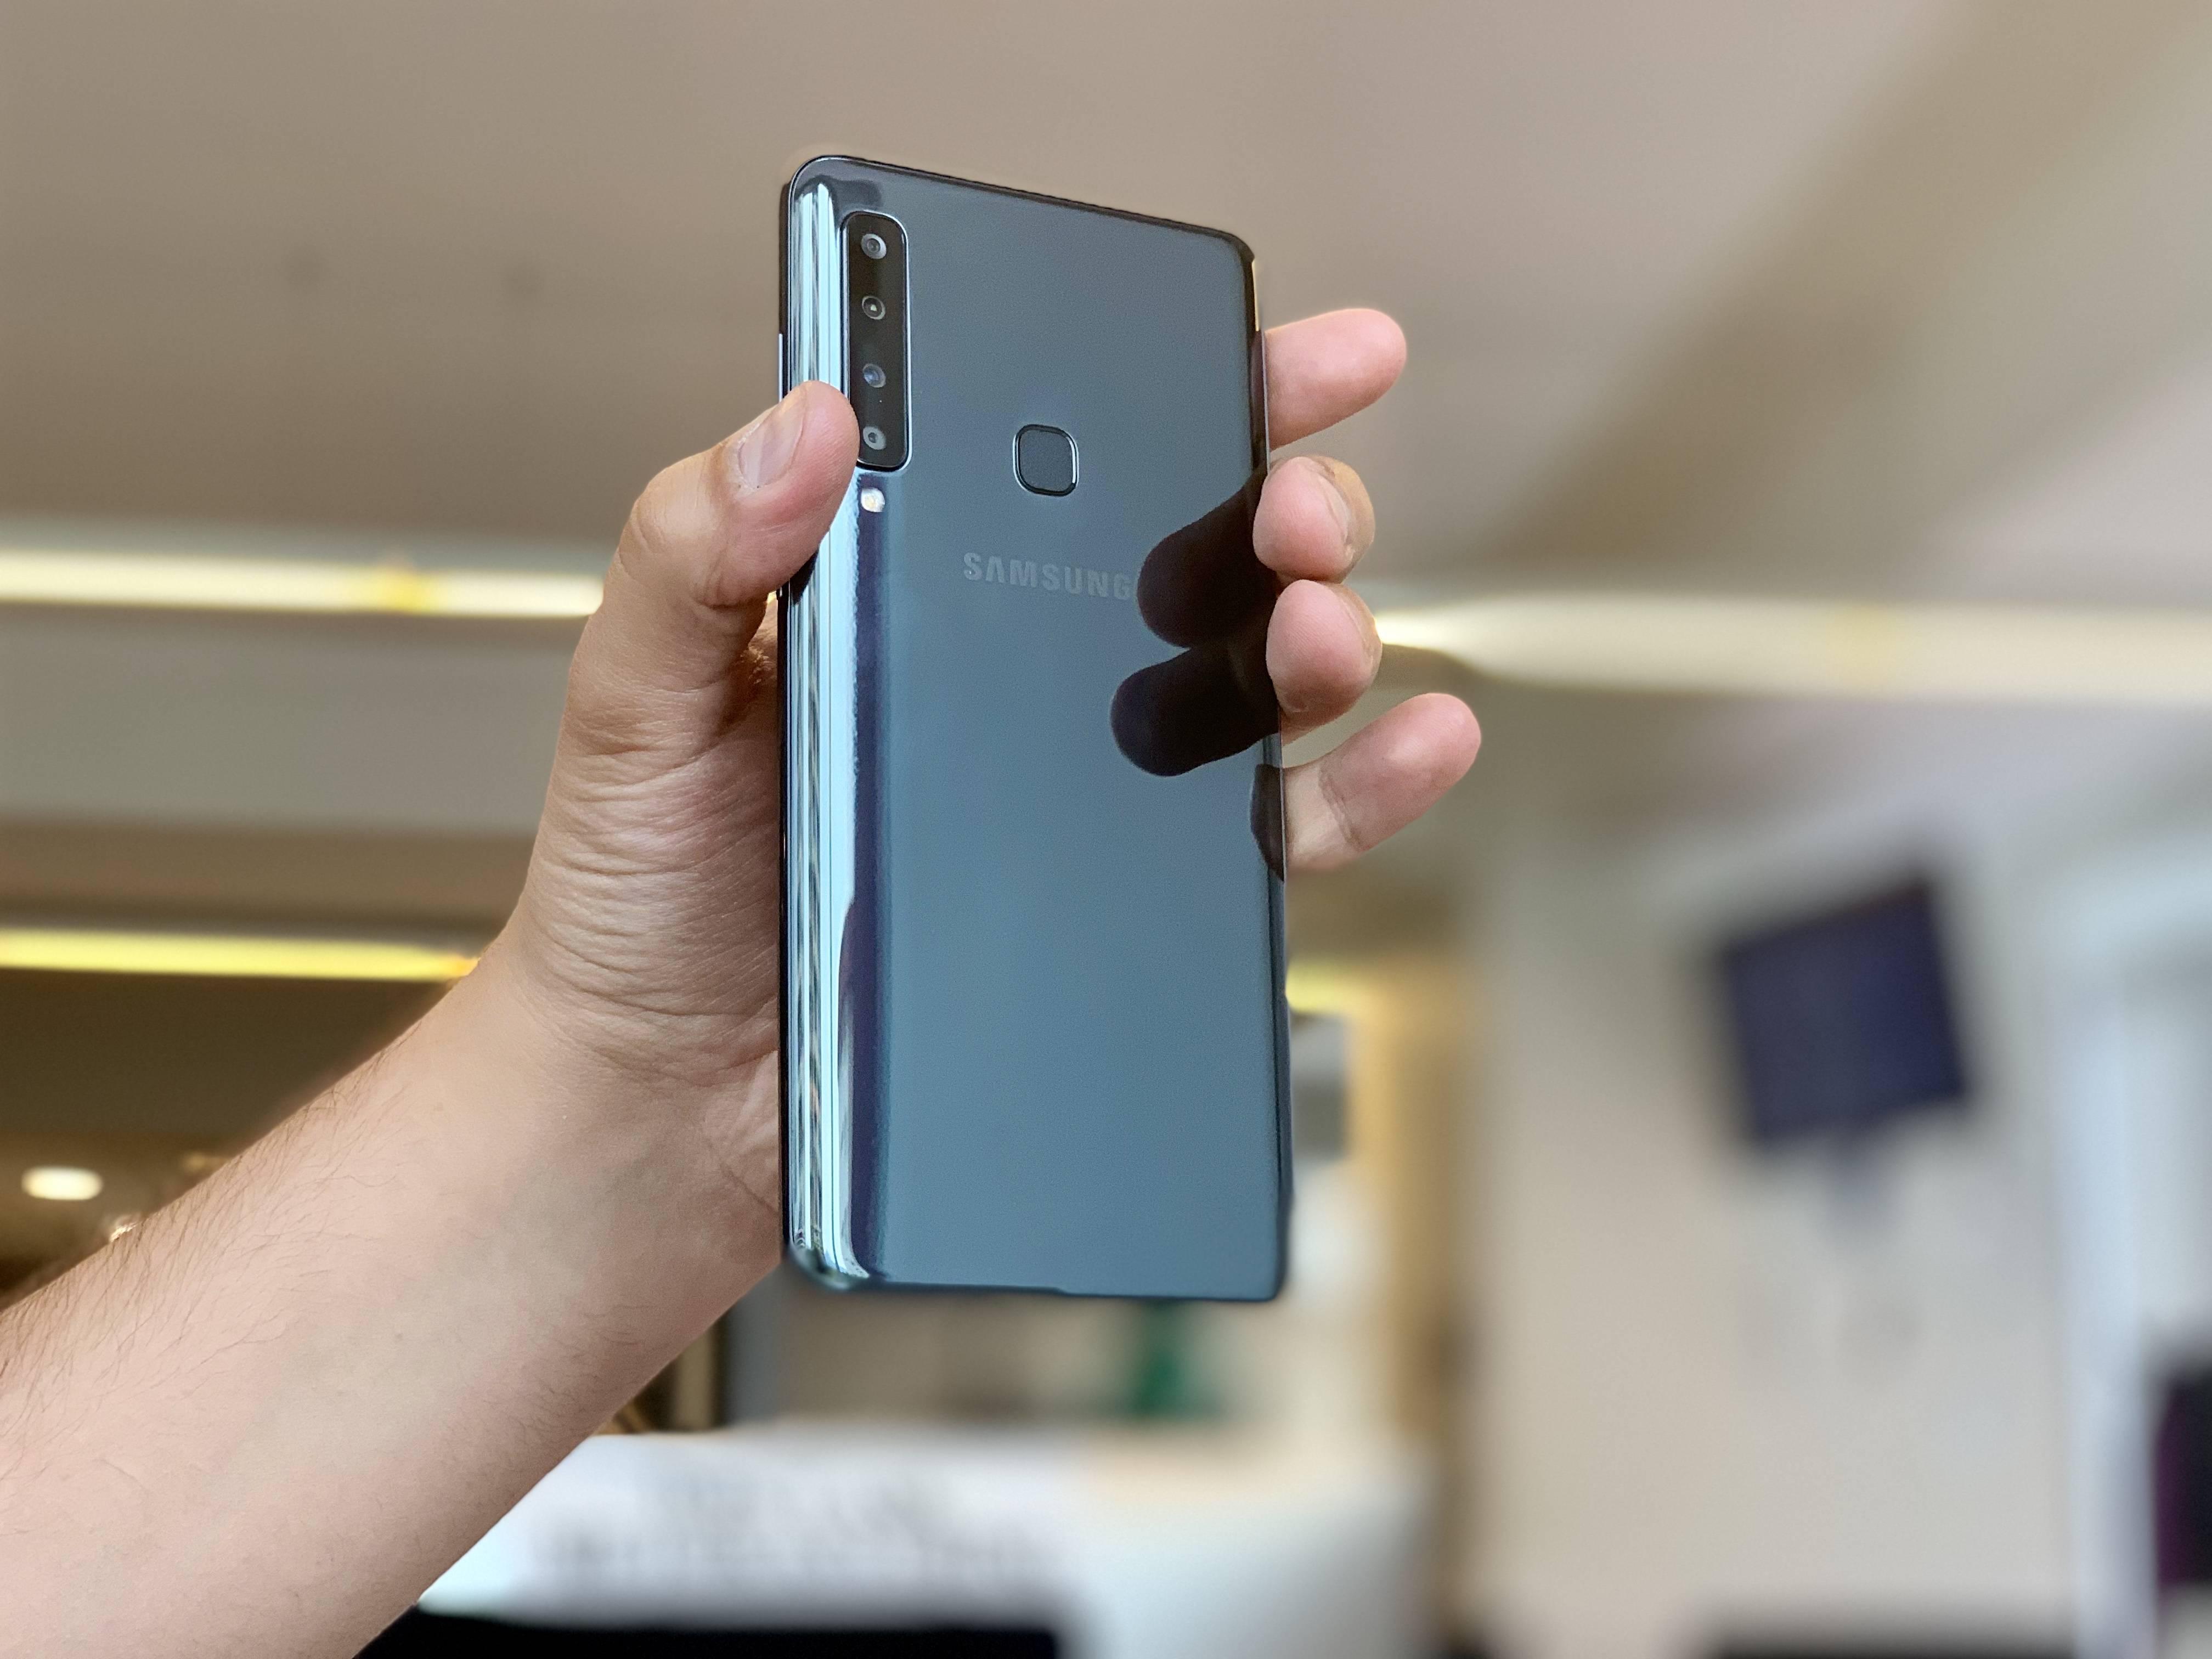 El celular con cuatro cámaras: Review del Samsung Galaxy A9 2018 [FW Labs]